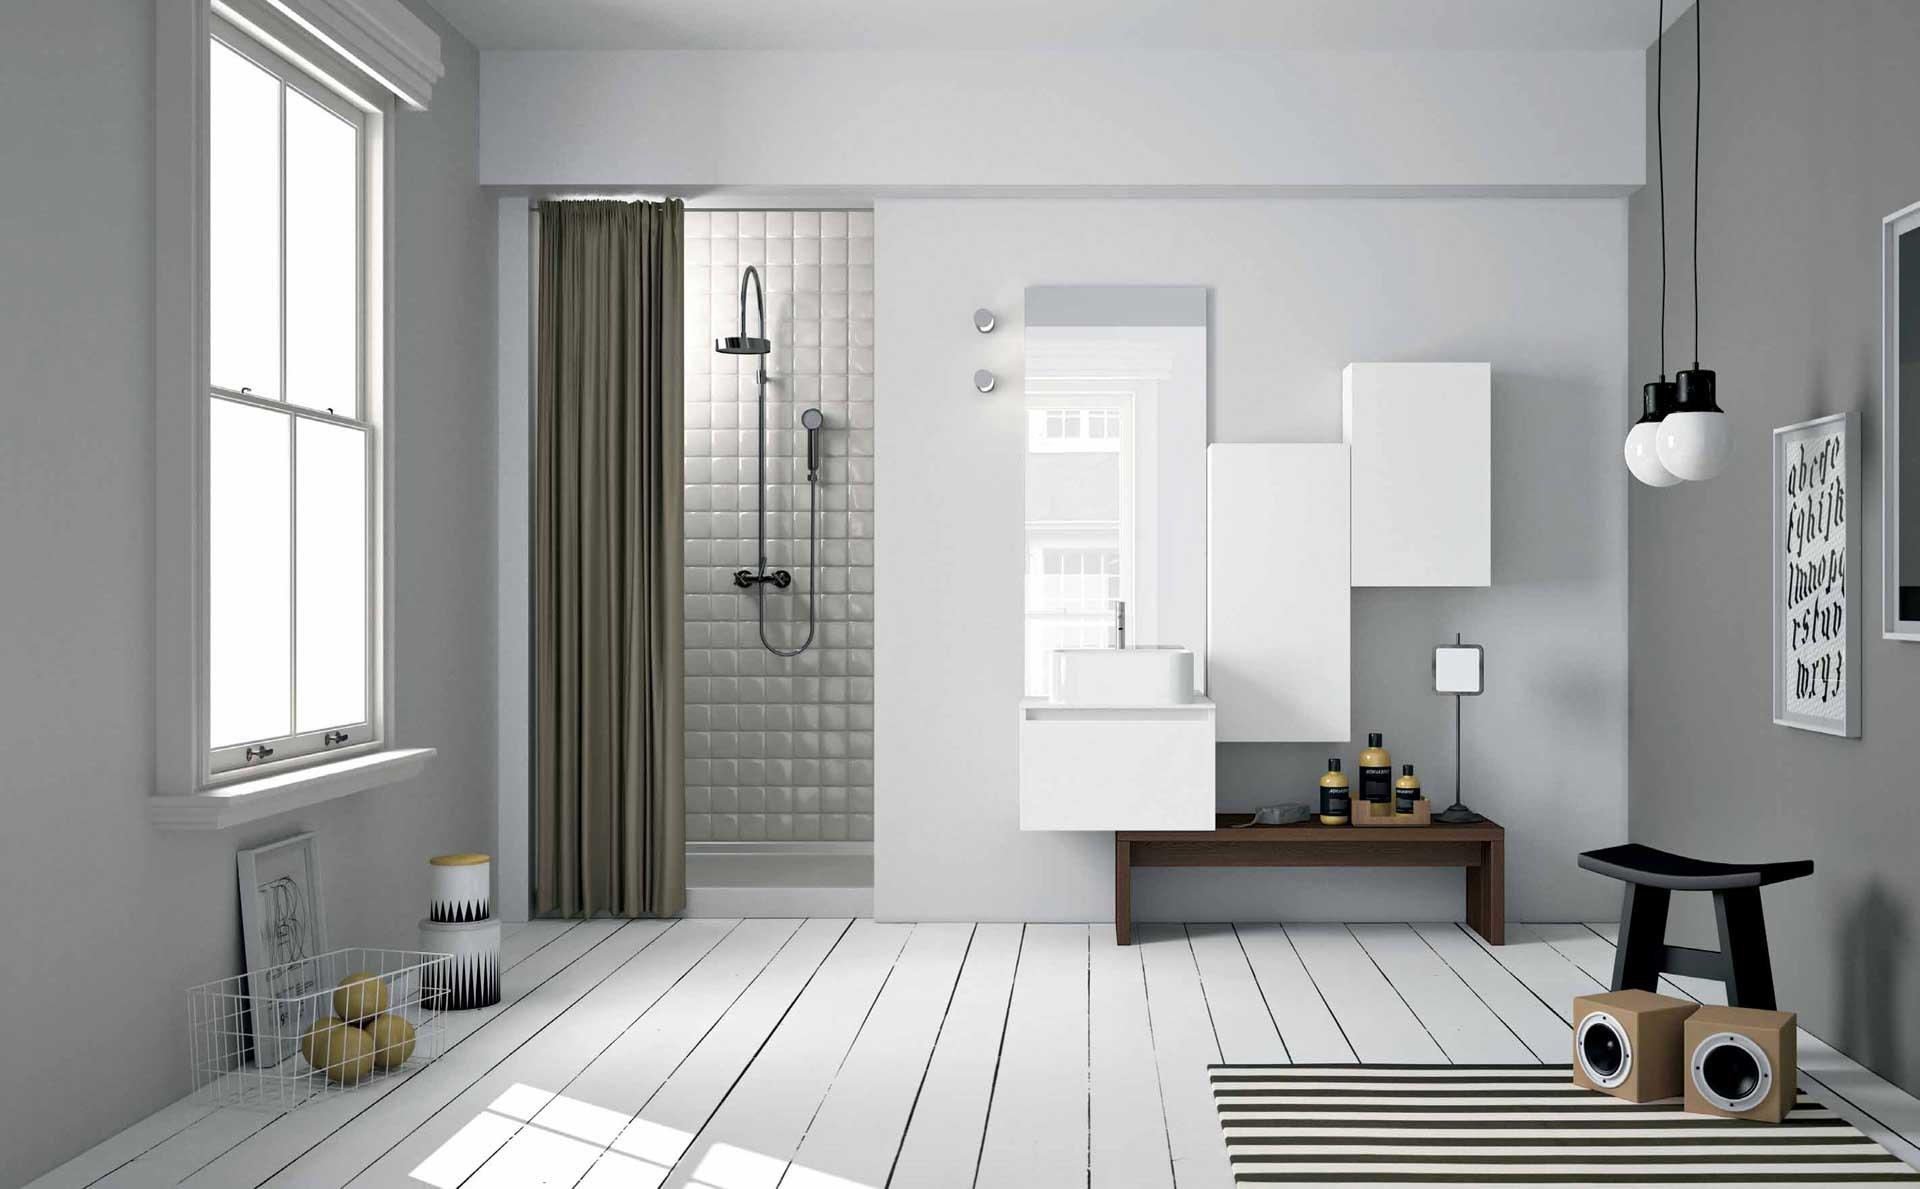 Mobili per il bagno orsolini e altamarea - Mobili stile nordico ...